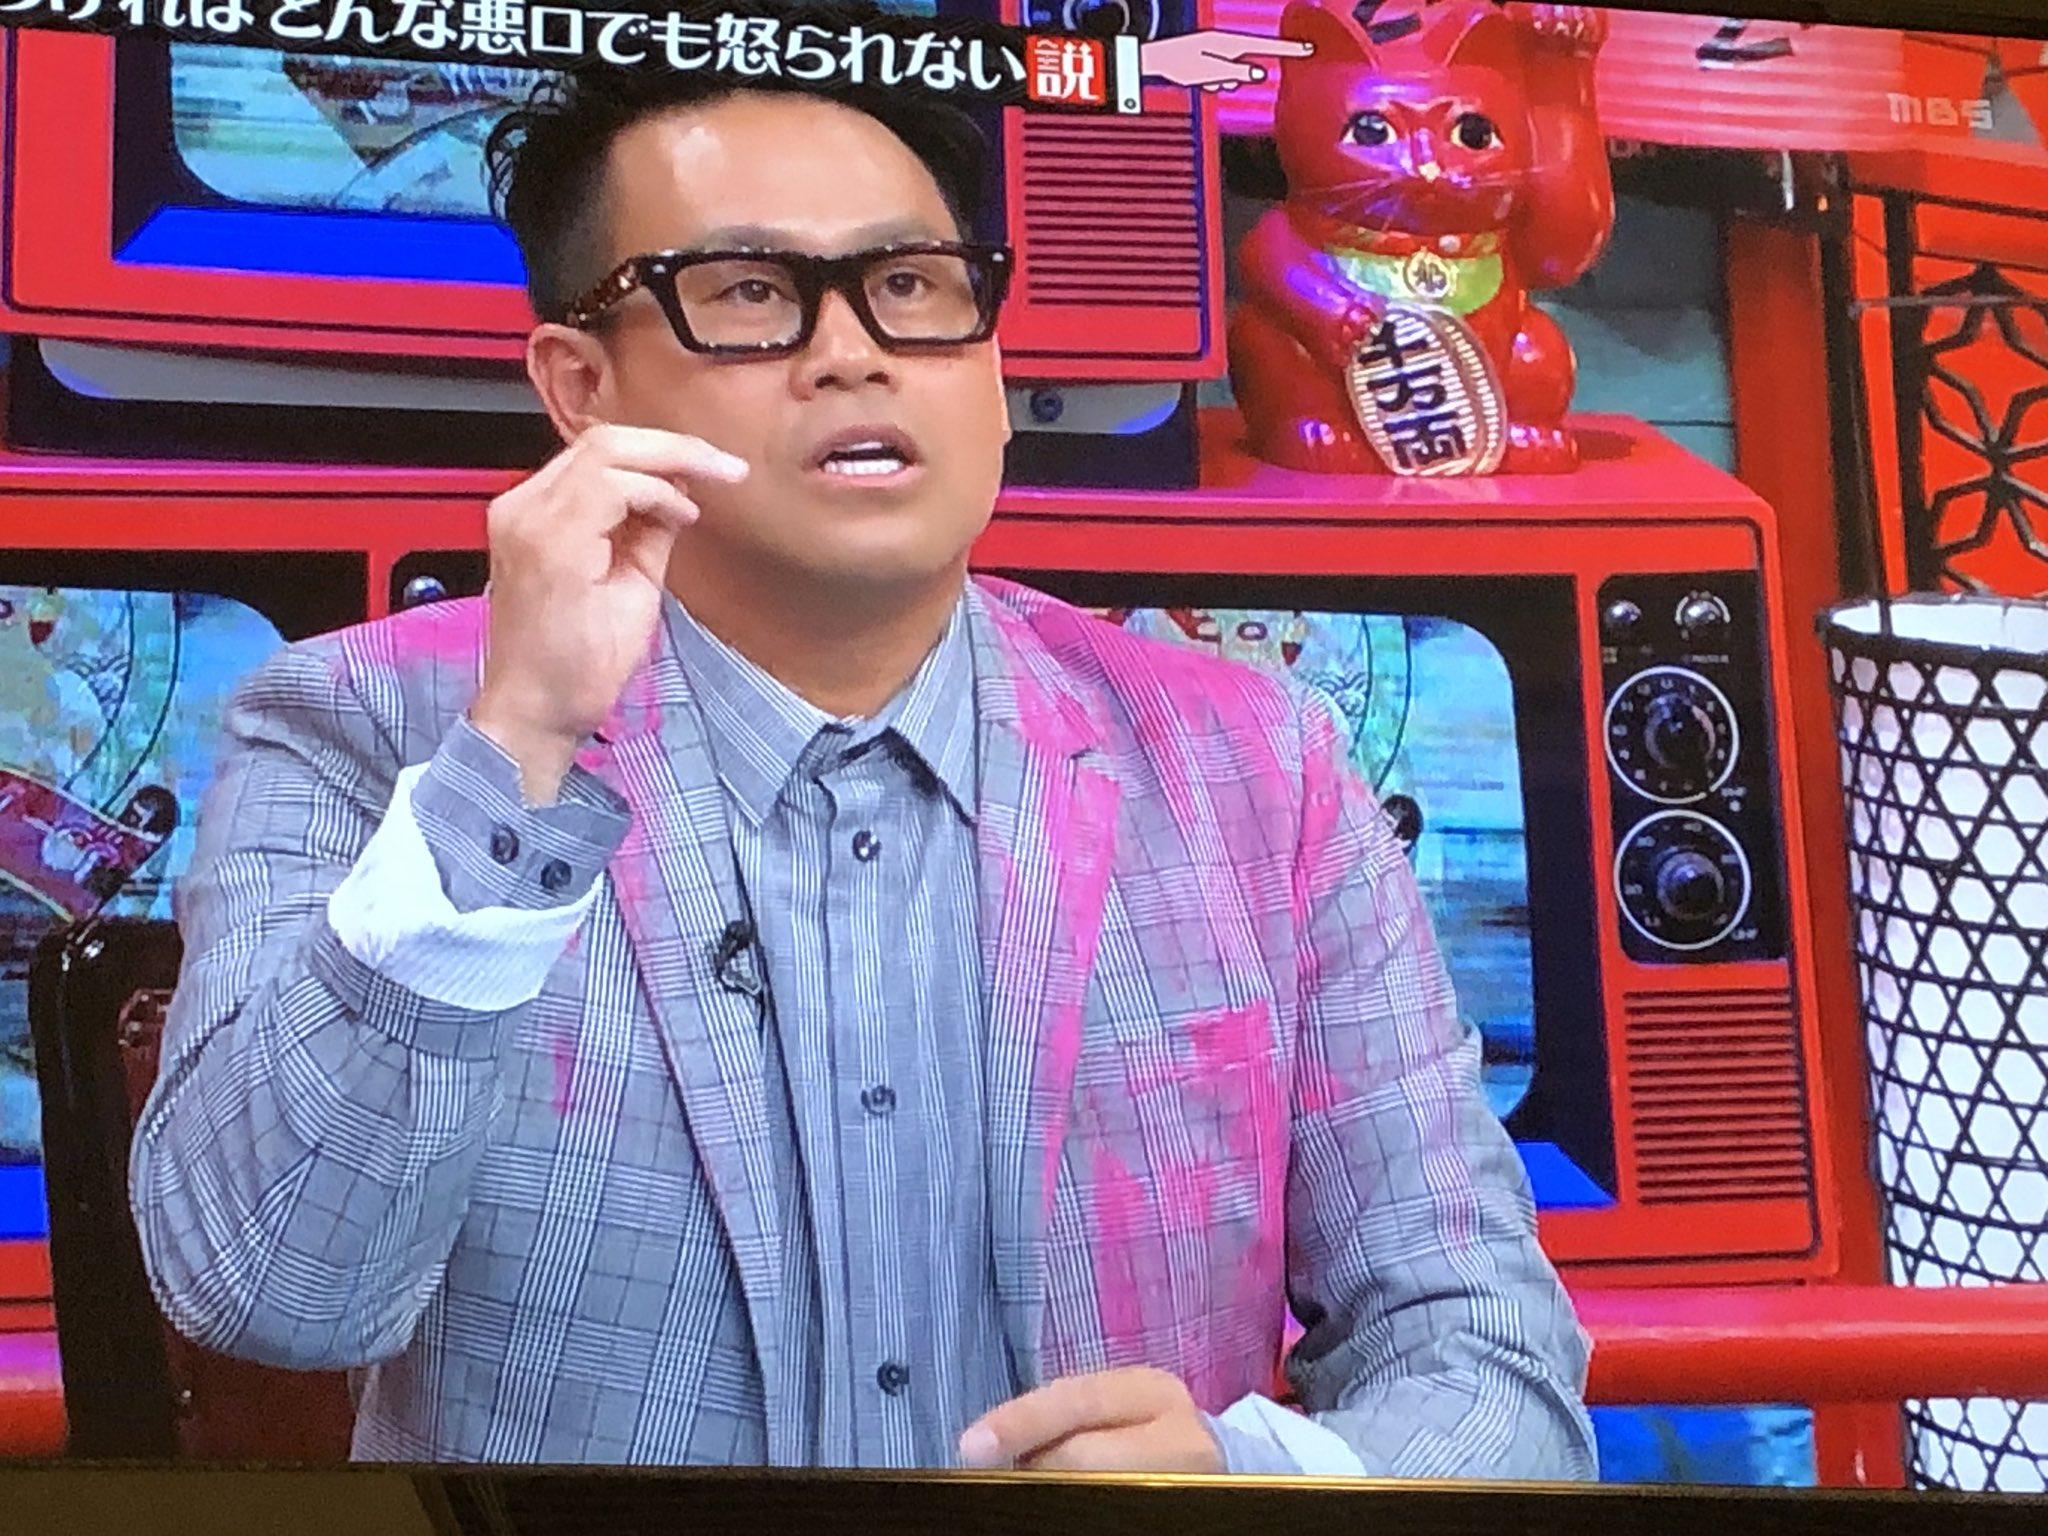 画像,宮川大輔さんの衣装、カラーボール当てれたみたいになってるけどなんなんこれ。オシャレなん?#水曜日のダウンタウン https://t.co/GYlgACsmZk…